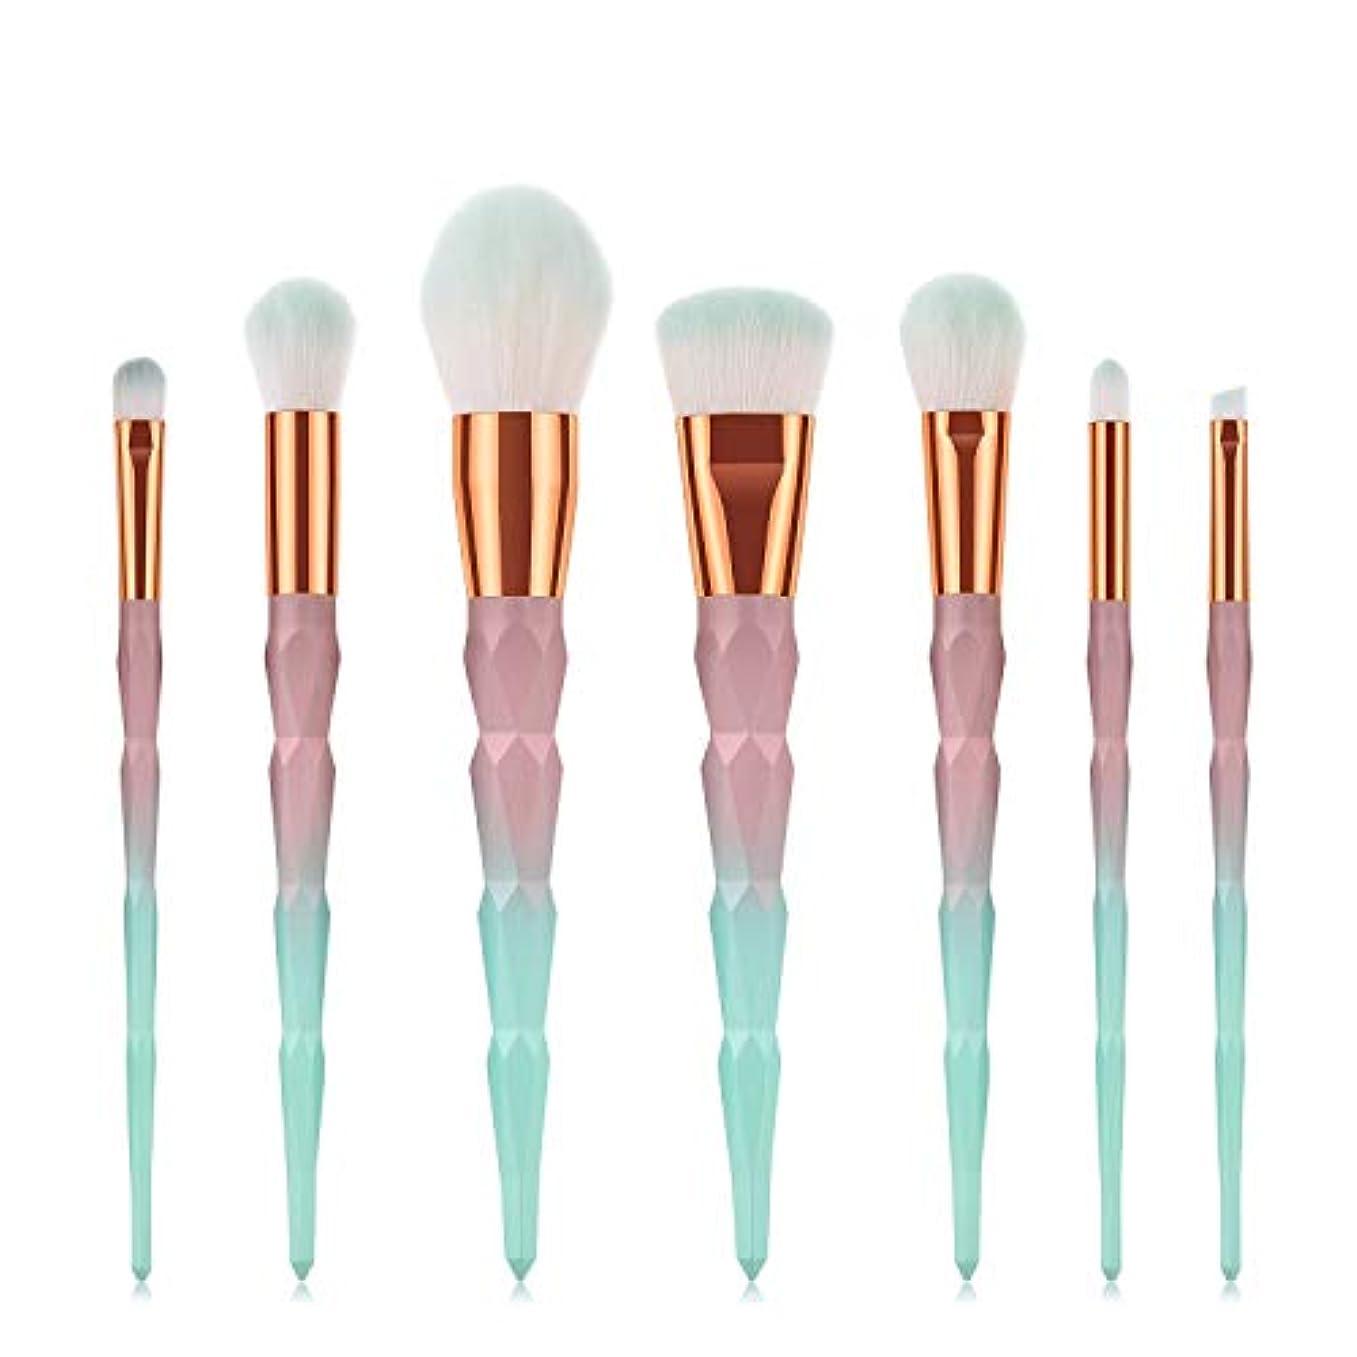 ゆるい意味不定Makeup brushes 7ピースグラデーションブラシセットメイクブラシセット形成ハンドルファンデーションブラッシュアイシャドウリップブラシフェイシャルメイクアップツール suits (Color : Gradient...